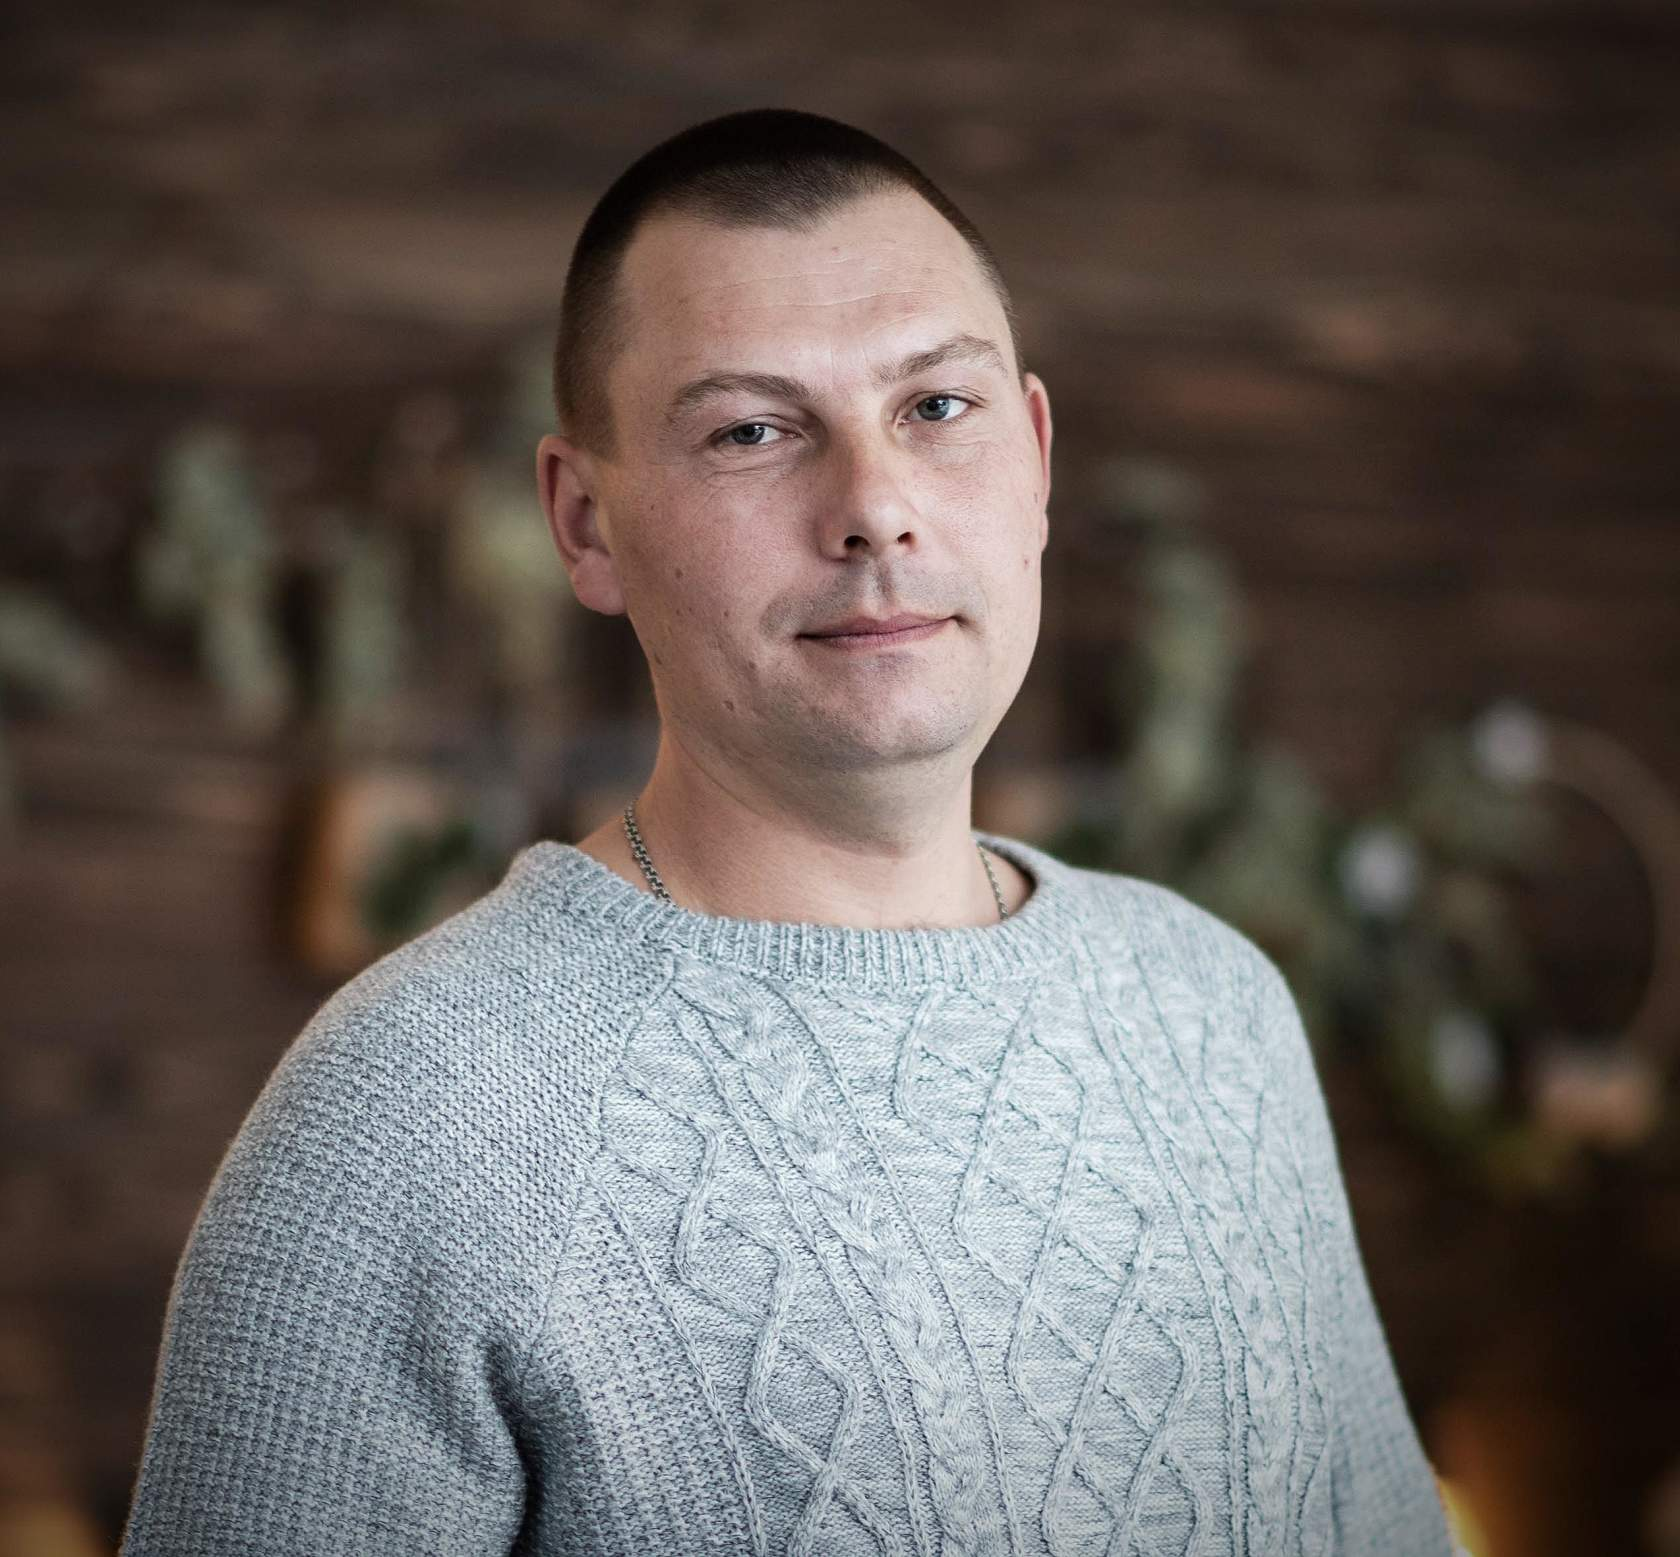 Denis Alexandrowitsch Zabolotnikow, geboren am 09.10.1983